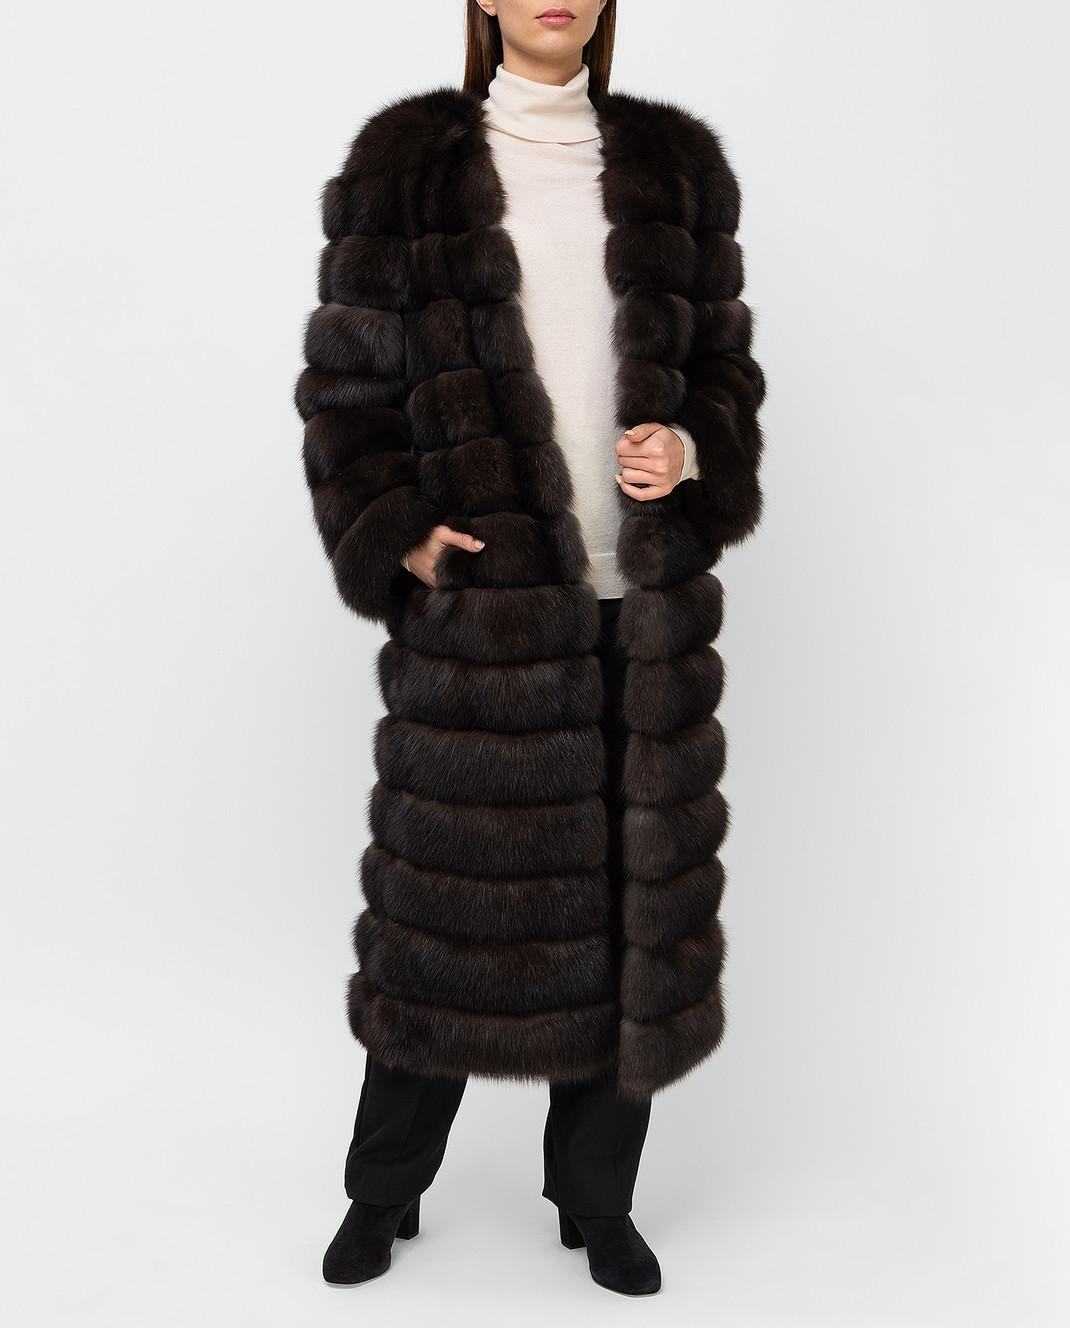 Real Furs House Темно-коричневая шуба из соболя SBR596DARKSILV1 изображение 2